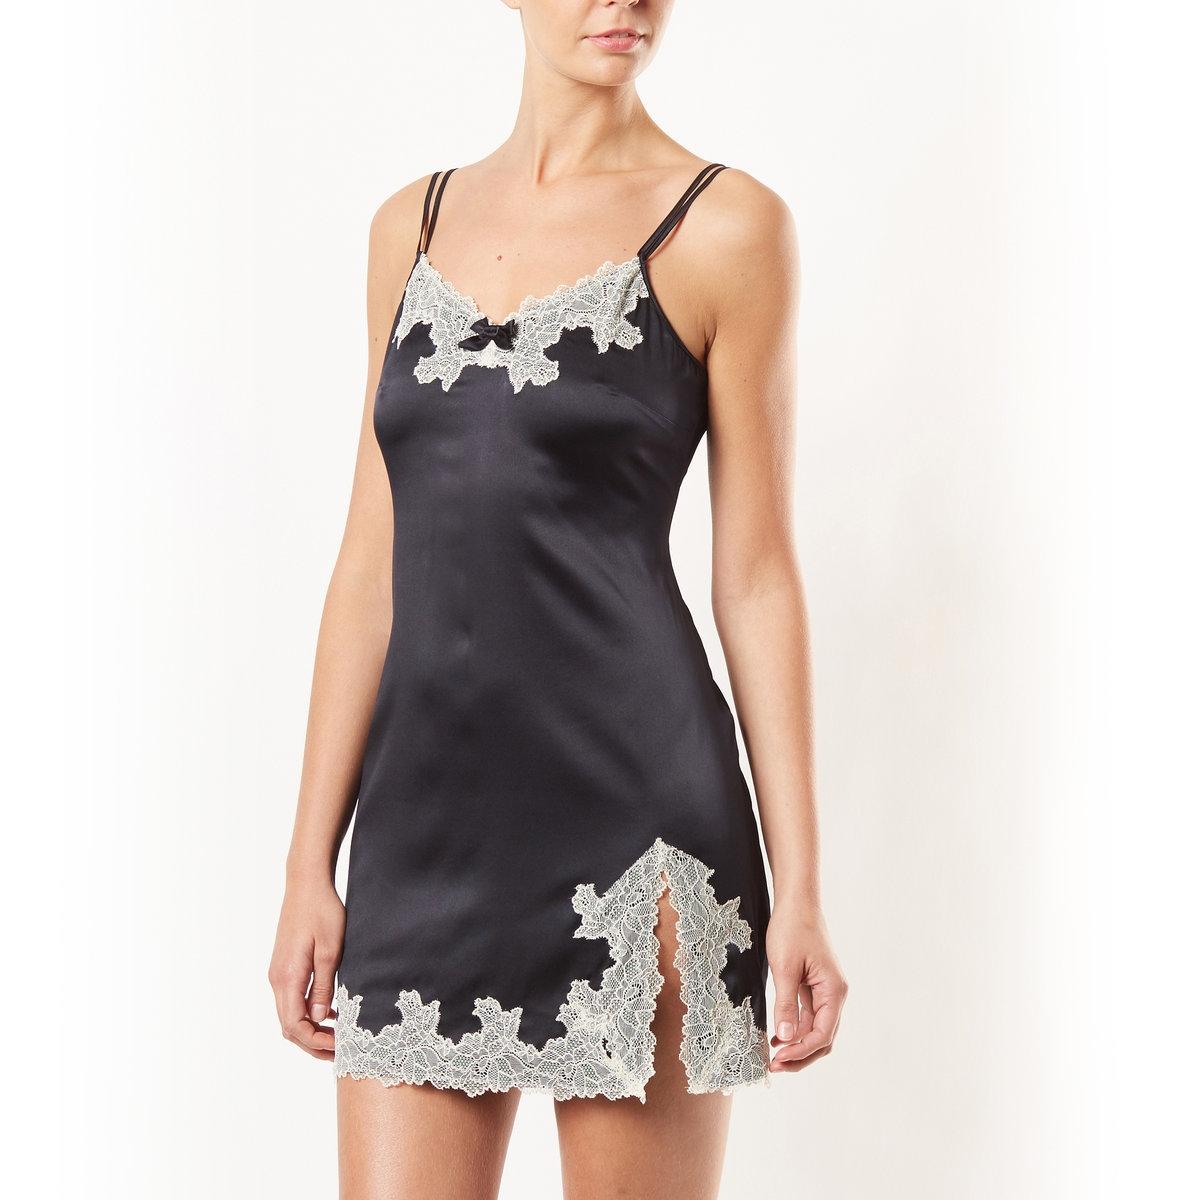 Ночная сорочка из шелка и кружеваНочная сорочка из шелка и кружева. 76% шелка, 14% полиамида, 10% эластана: Изящное сочетание материалов и цветов и отделка кружевом причудливой формы.                           Машинная стирка при 30°.<br><br>Цвет: синий/ черный,черный/кремовый<br>Размер: 42/44 (FR) - 48/50 (RUS)